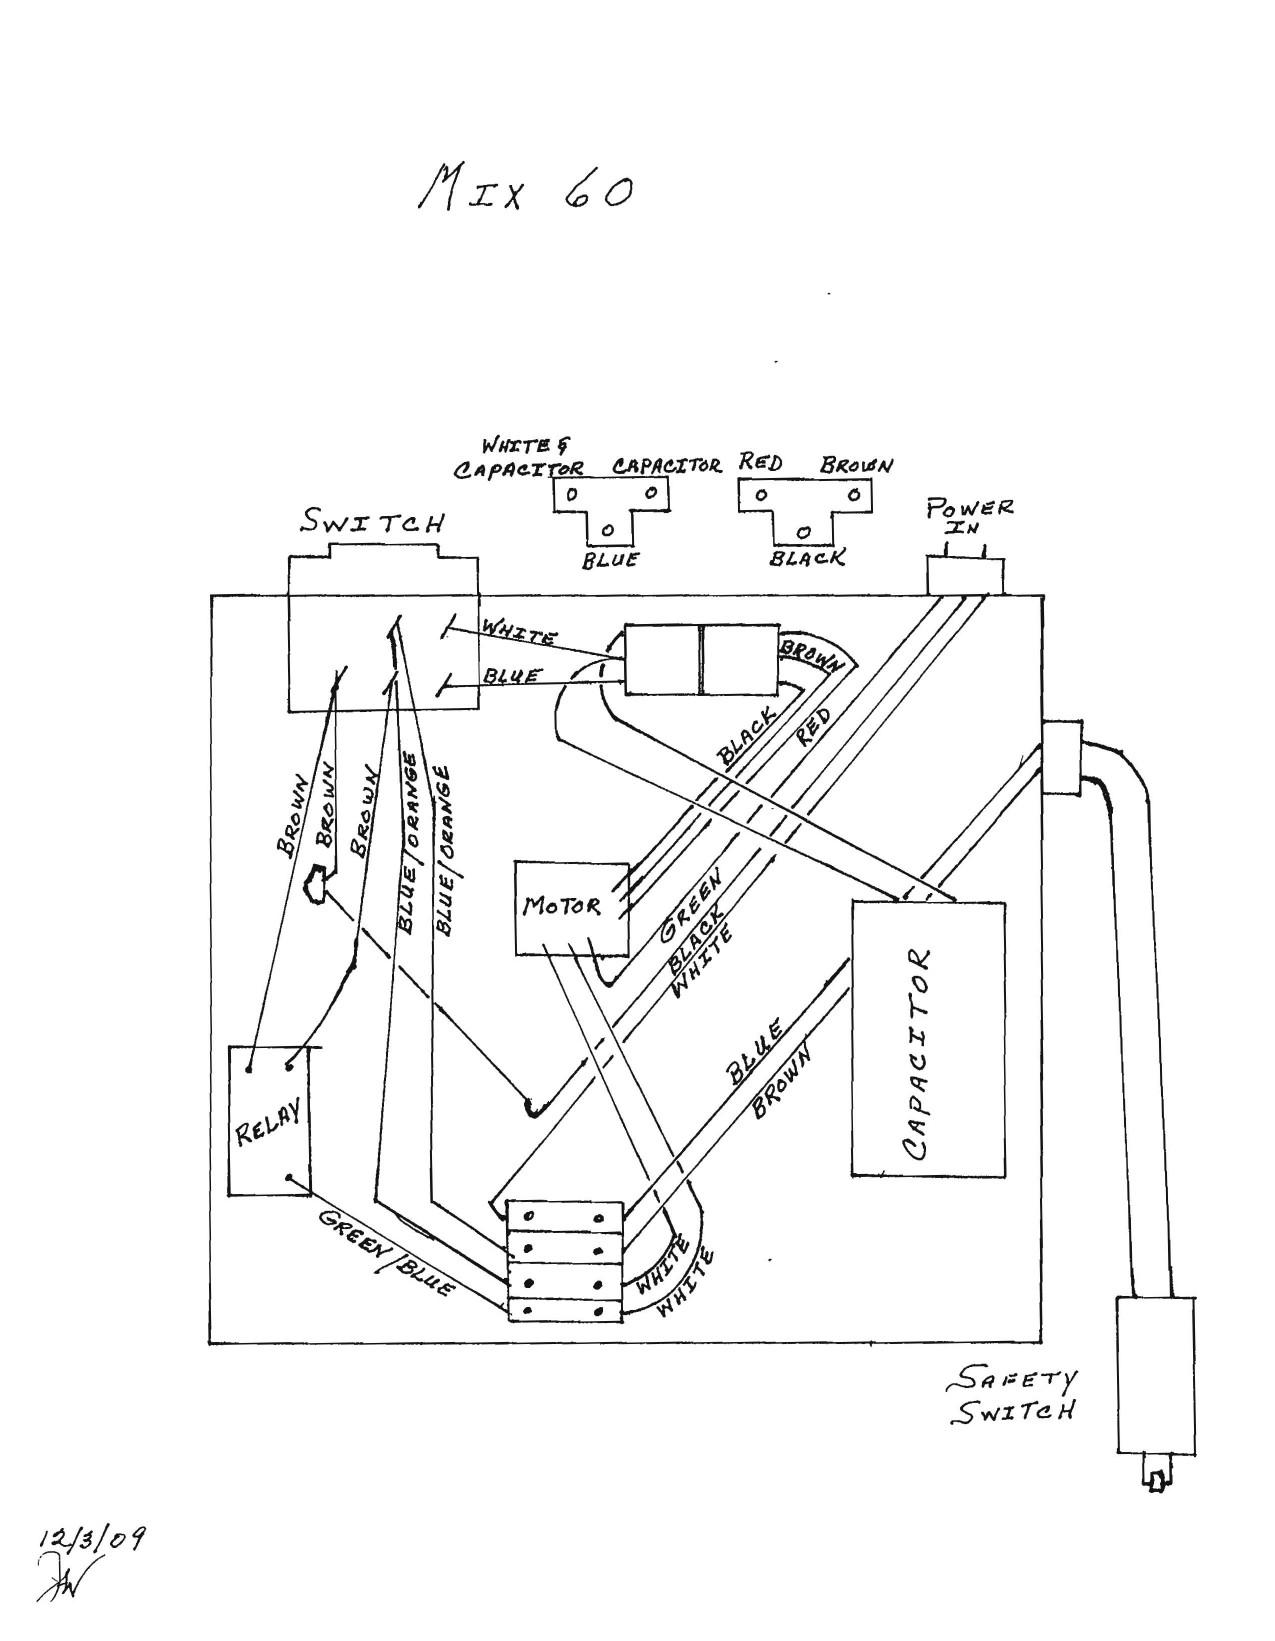 three phase motor wiring diagram wiring diagram 3 phase motor 33 kw